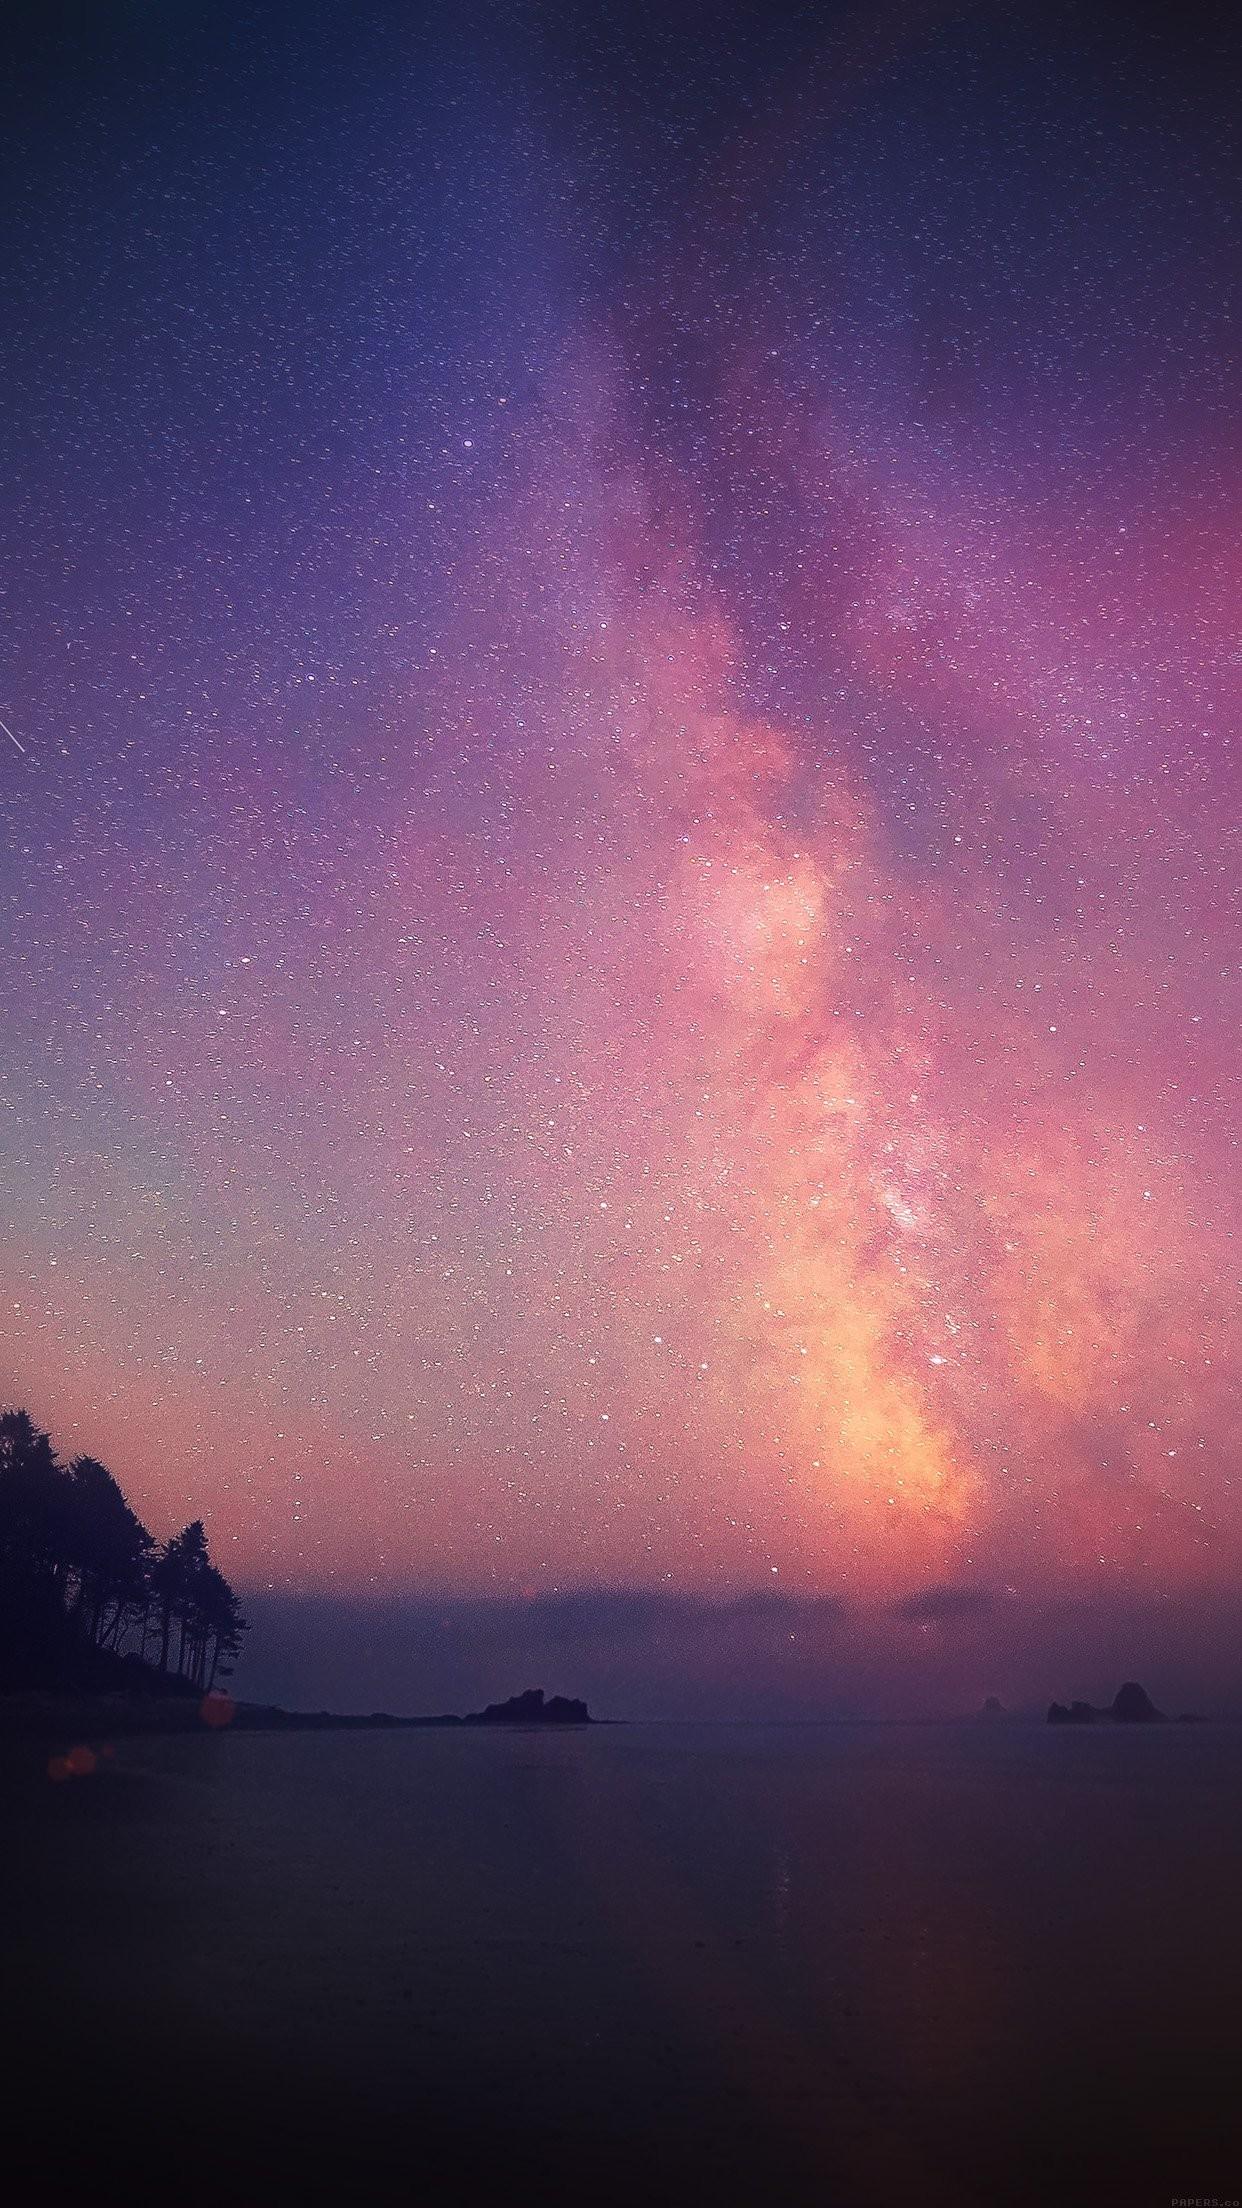 Night Sky Stars Wallpaper